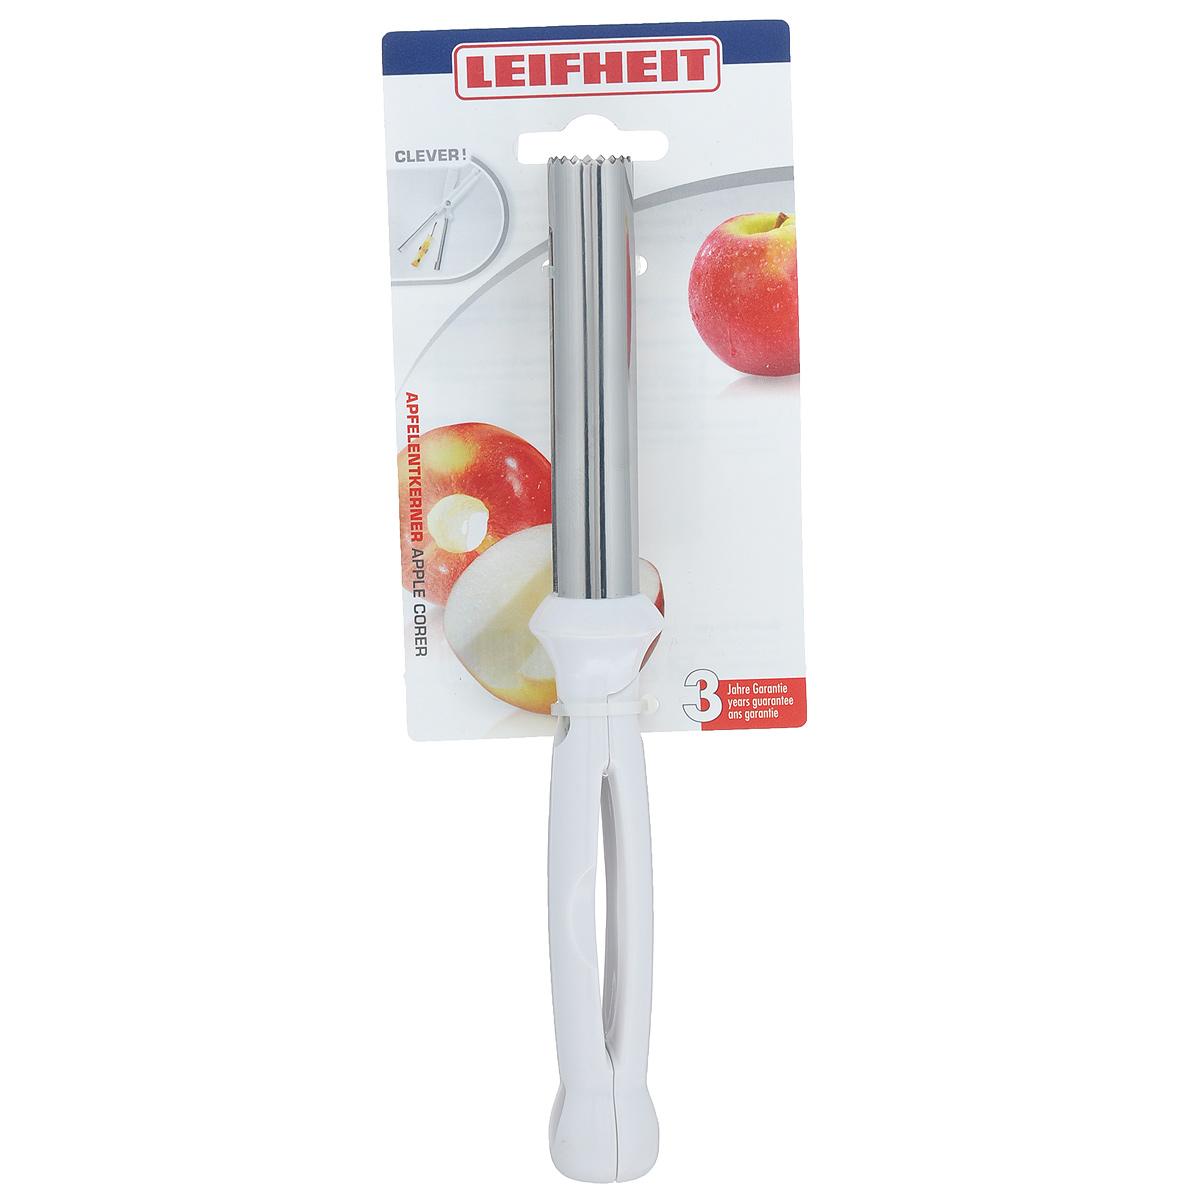 Отделитель сердцевины яблока Leifheit Clever!, цвет: белый, длина 22 см3142Отделитель сердцевины яблока Leifheit Clever! изготовлен из высококачественной нержавеющей стали и оснащен удобными пластиковыми ручками. Ручки снабжены специальными отверстиями для подвешивания.Изделие отлично подходит для вырезания сердцевины из яблок. Практичный и удобный отделитель сердцевины яблока Leifheit Clever! займет достойное место среди аксессуаров на вашей кухне.Можно мыть в посудомоечной машине.